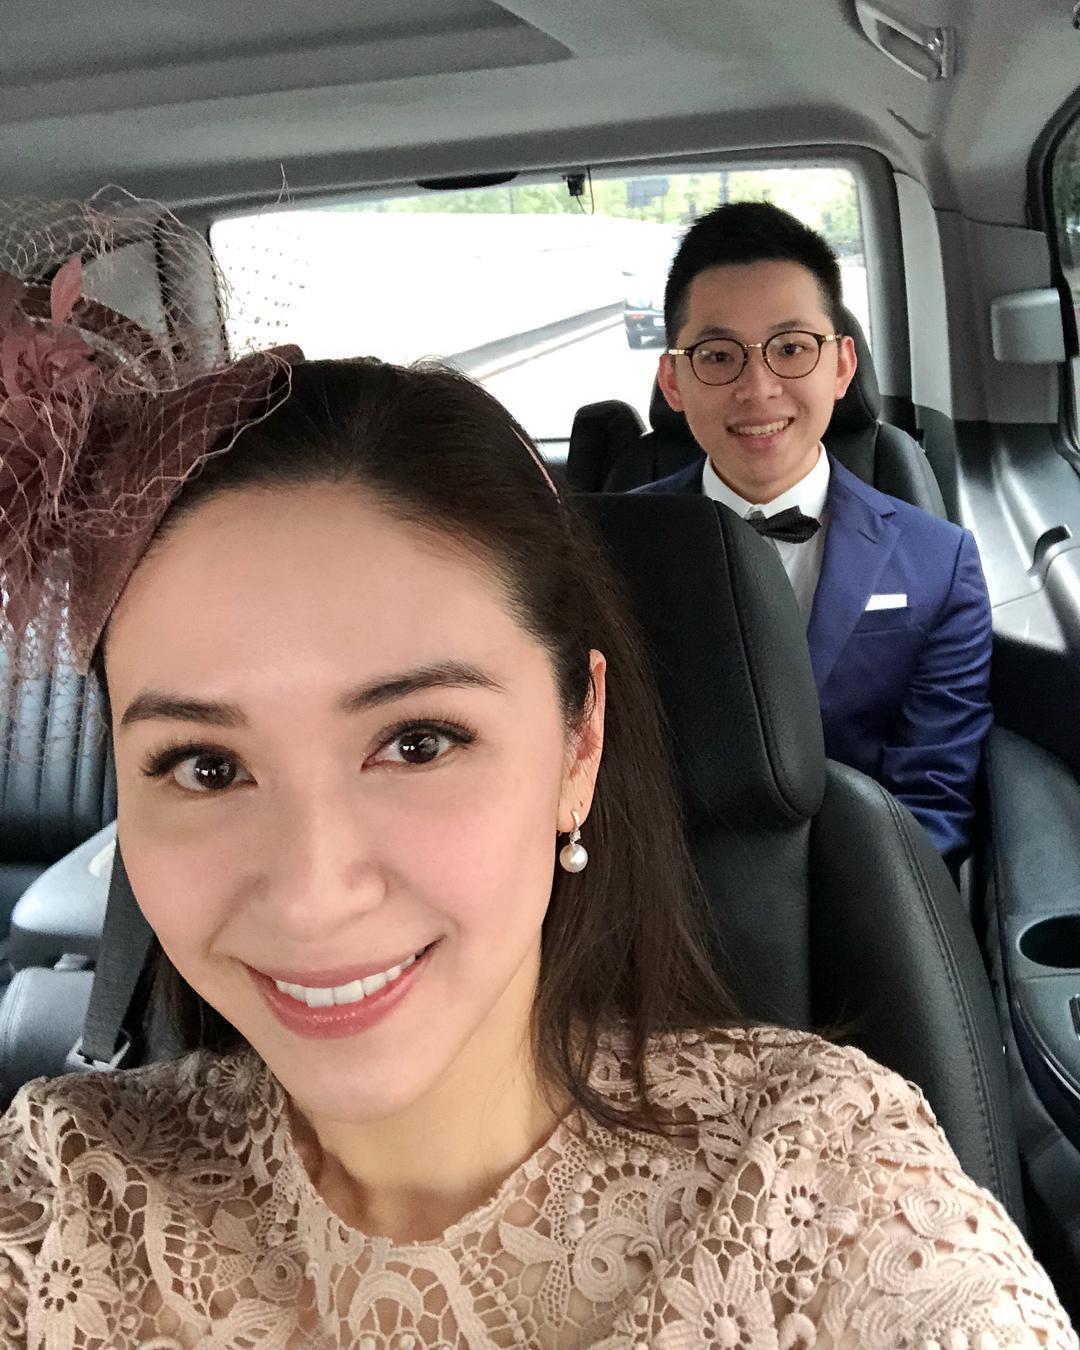 連勝文妻子蔡依珊也在IG上發文,表示正要去參加連詠心婚禮。(蔡依珊IG)